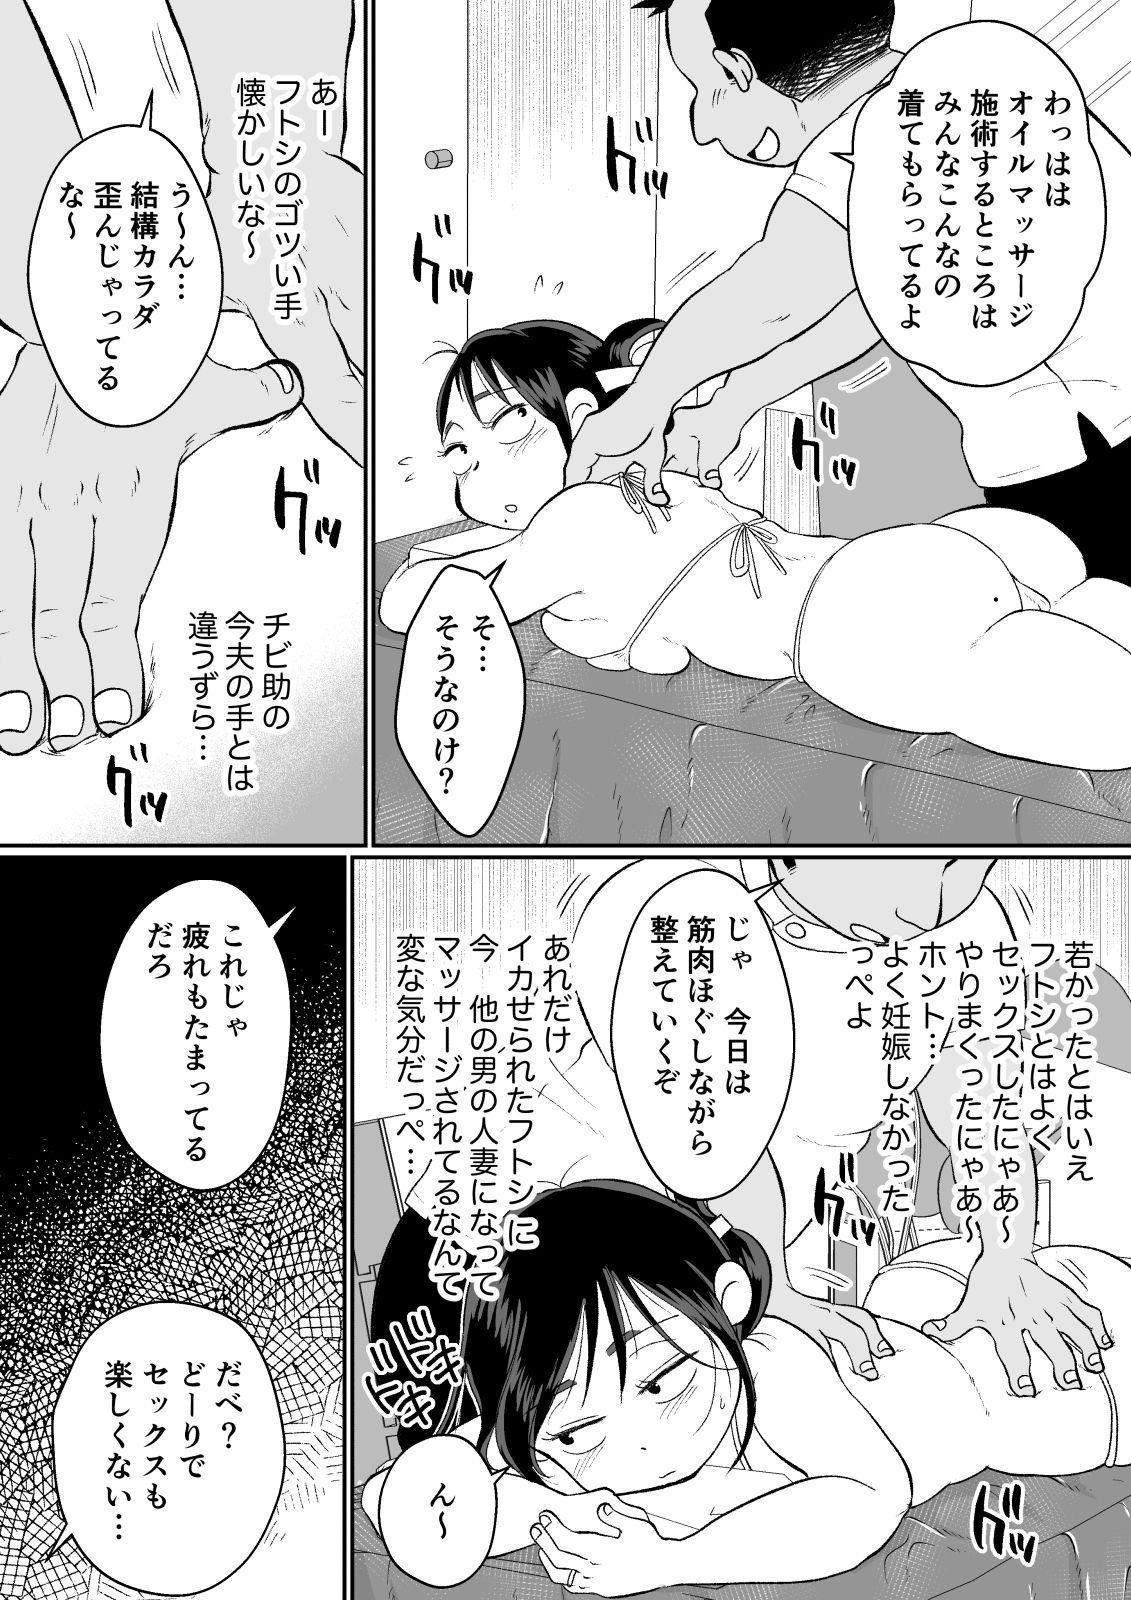 Batsuichi Hitozuma, Moto Danna no Ero Massage ni Ochiru! 16